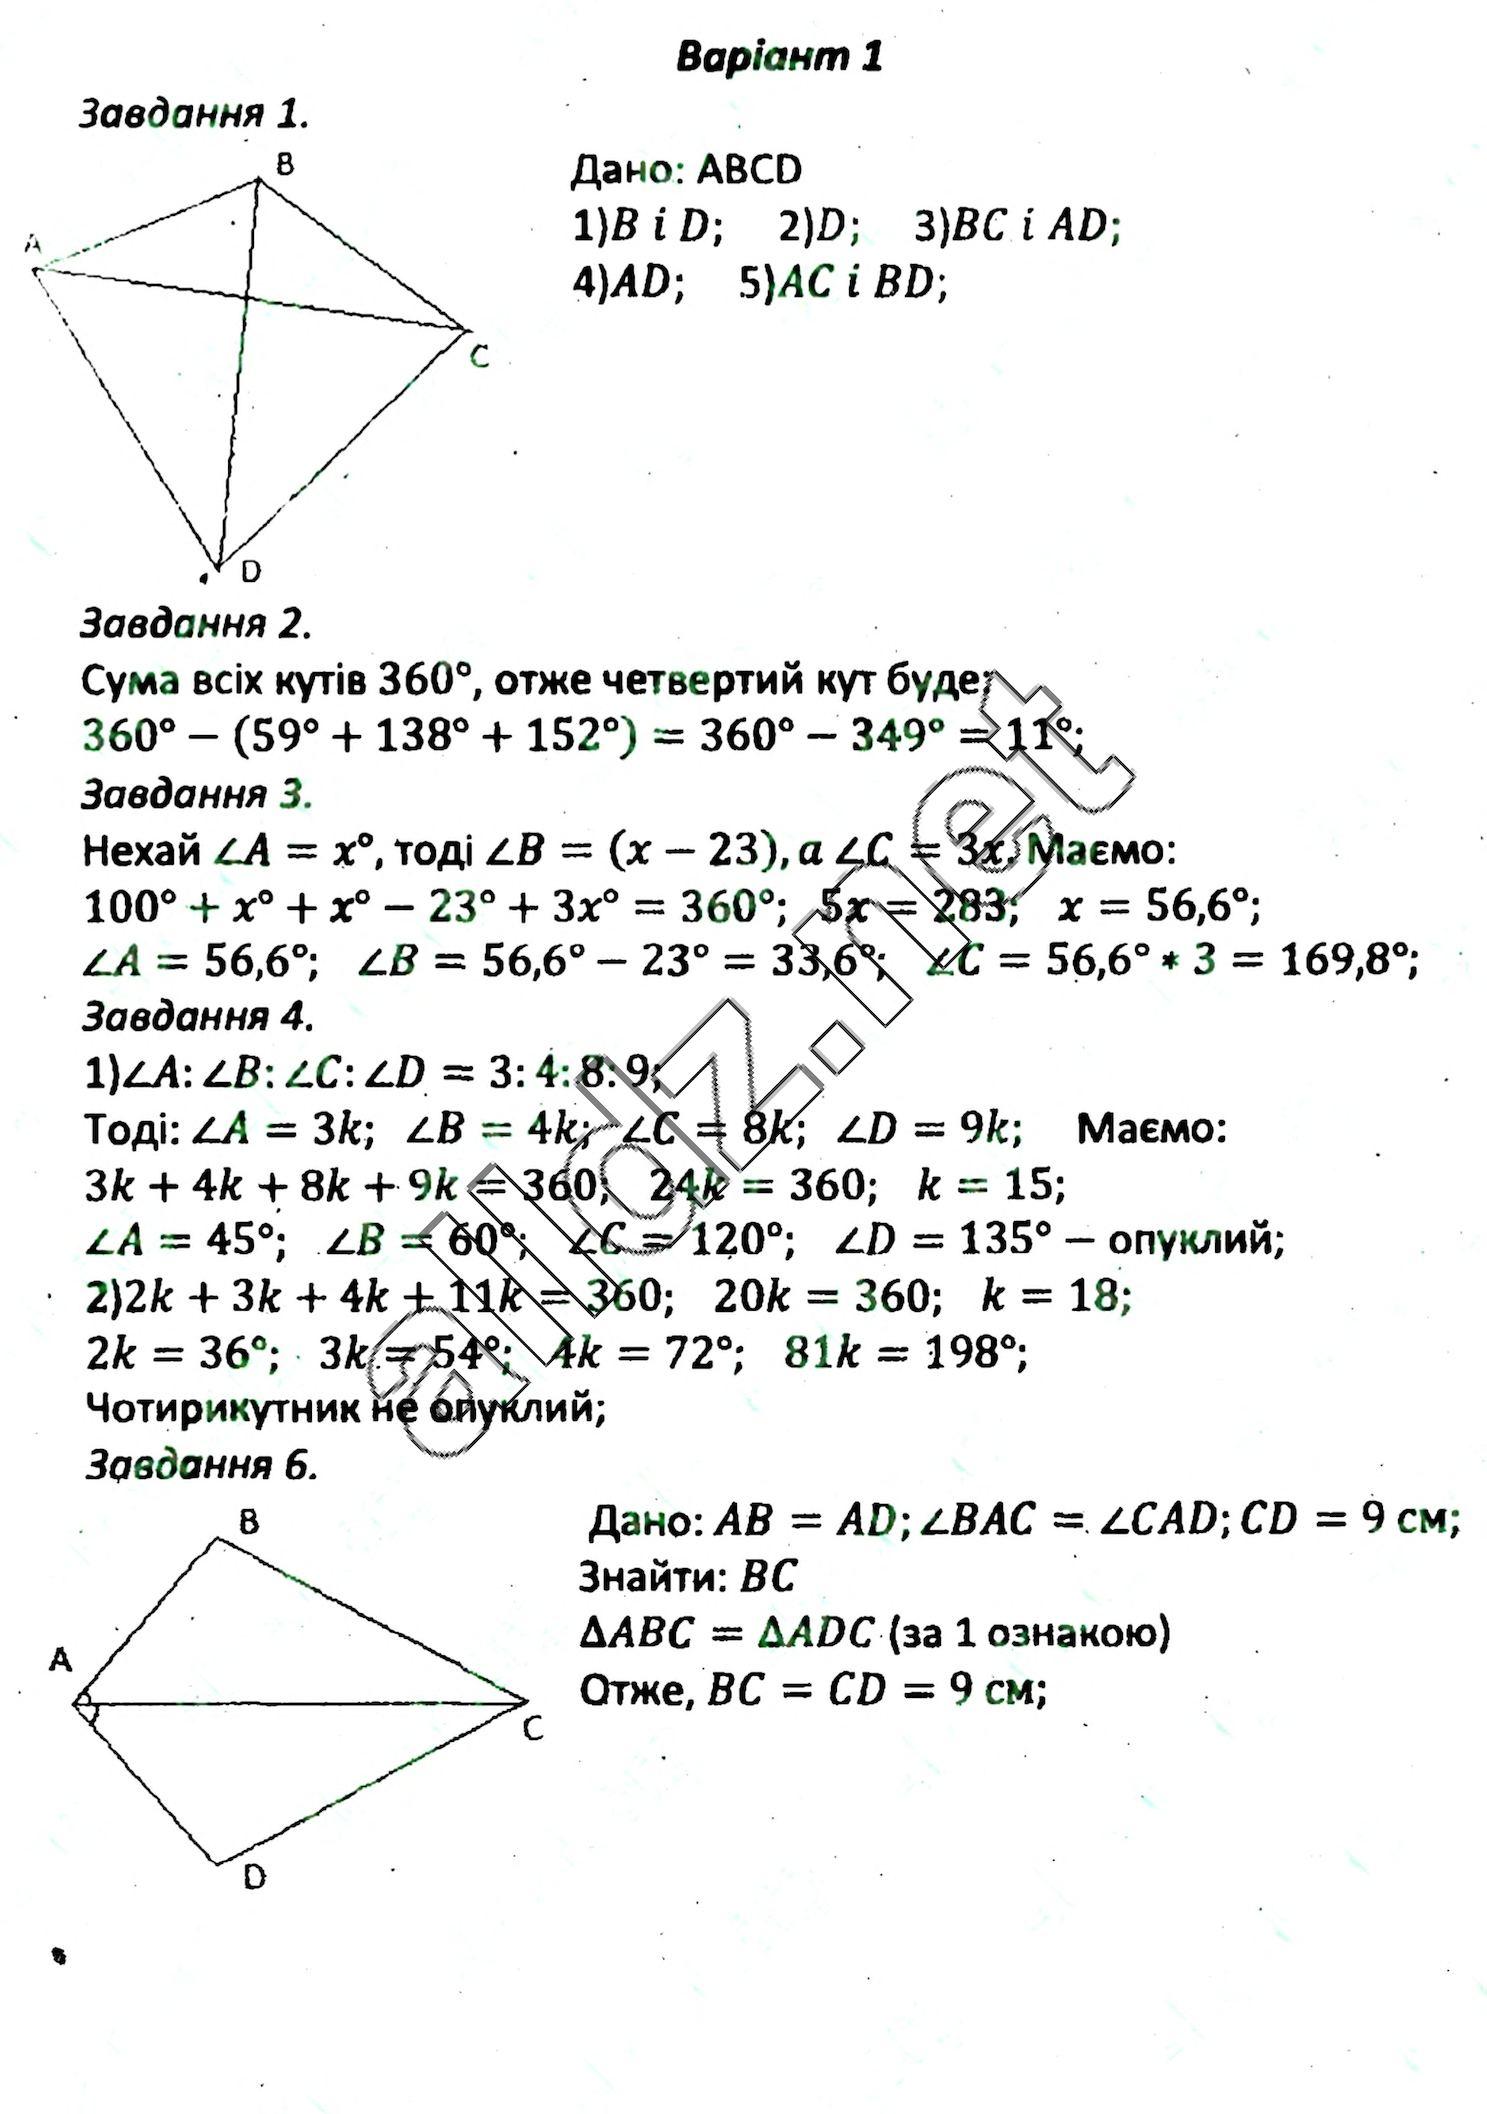 ГДЗ Збірник задач Геометрія 8 клас Мерзляк 2016 1вар.